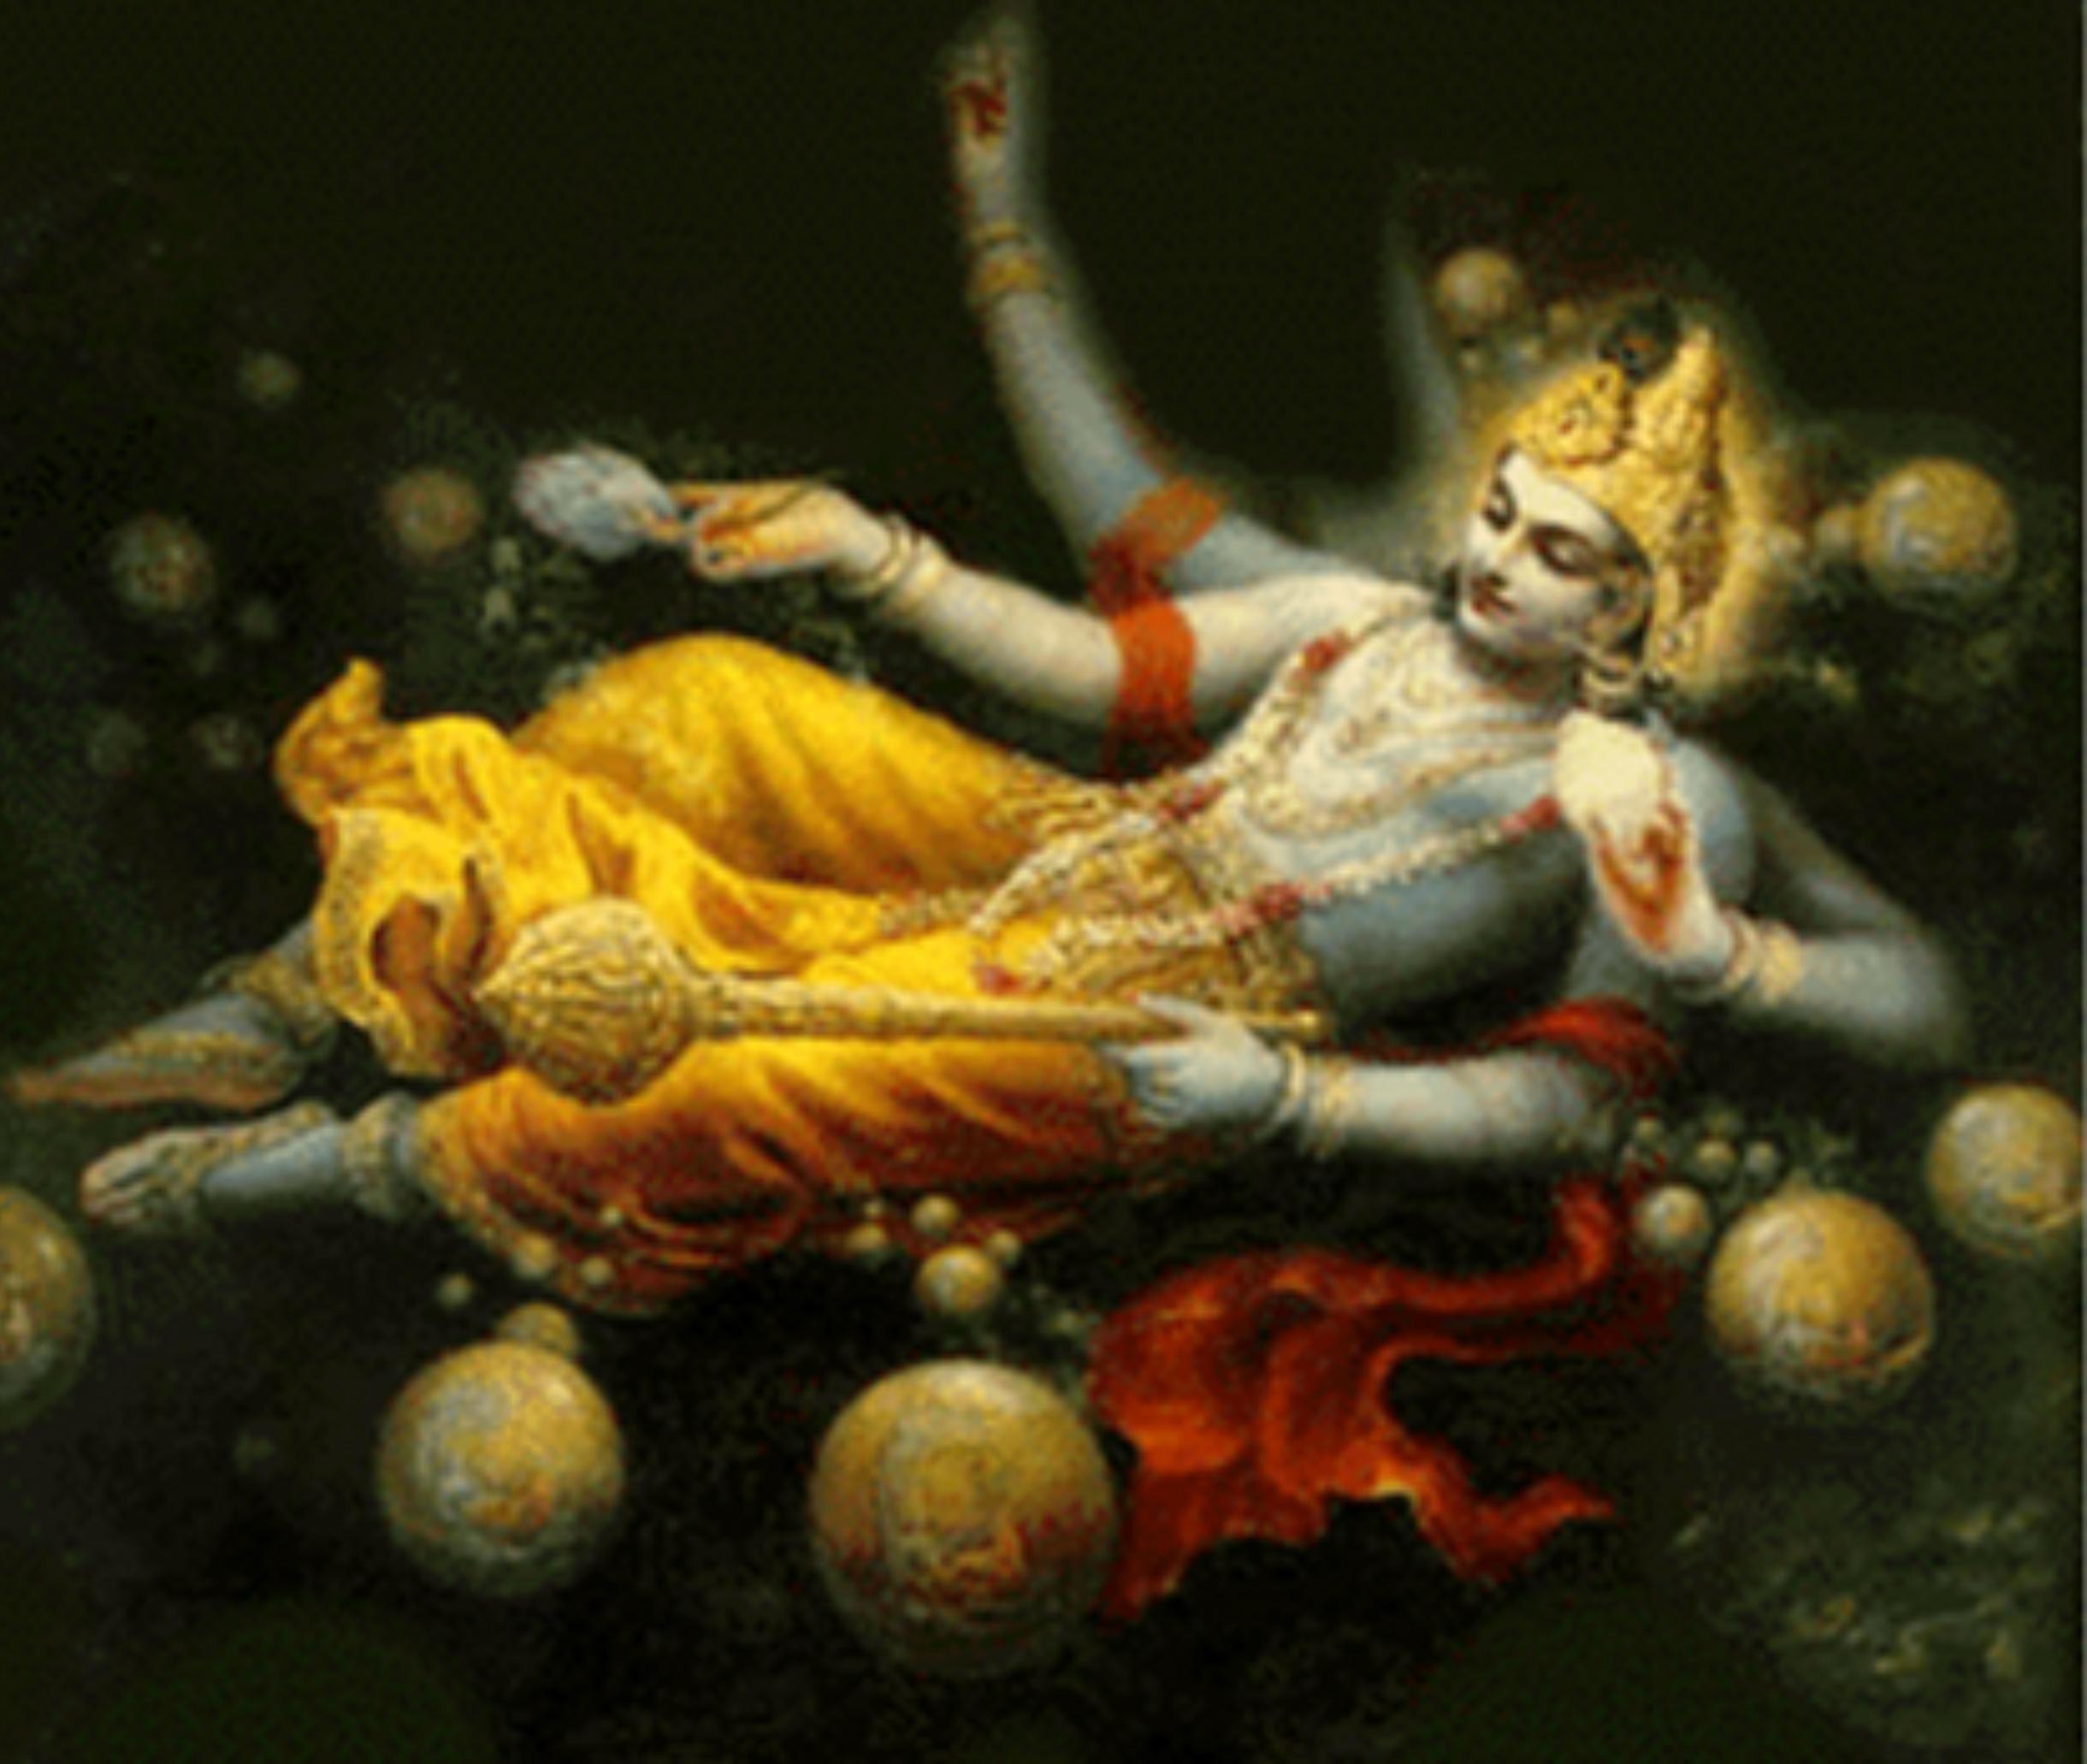 ngo svyam bane gopal process Indian Hindi Hindu spirituality religion religious temple